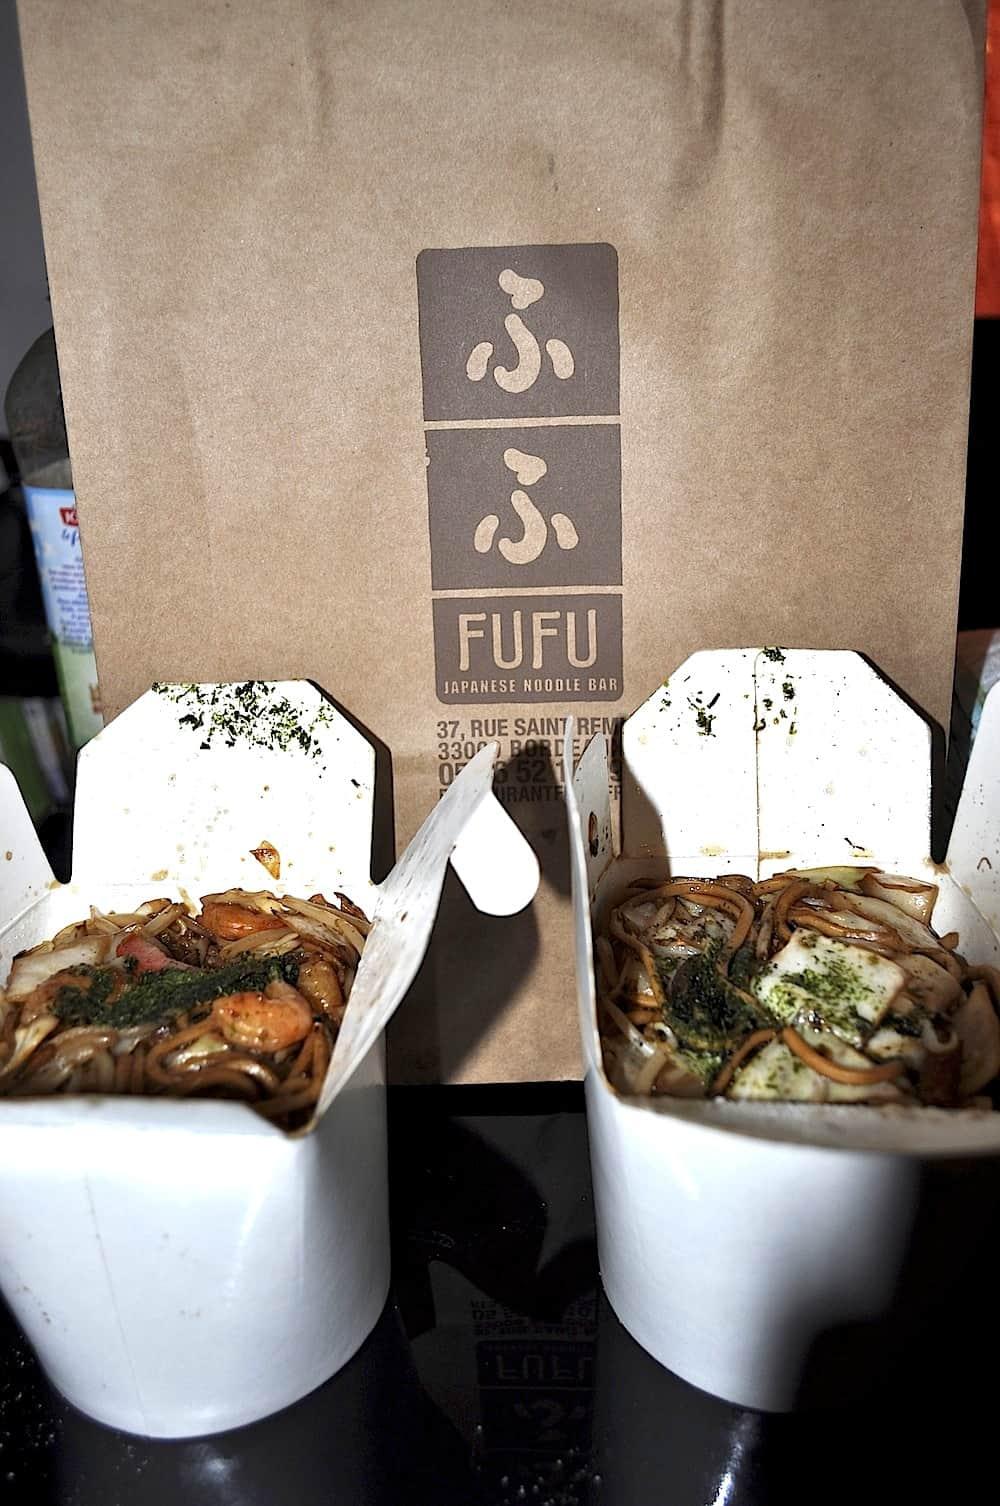 fufu-noodle-bar-a-emporter